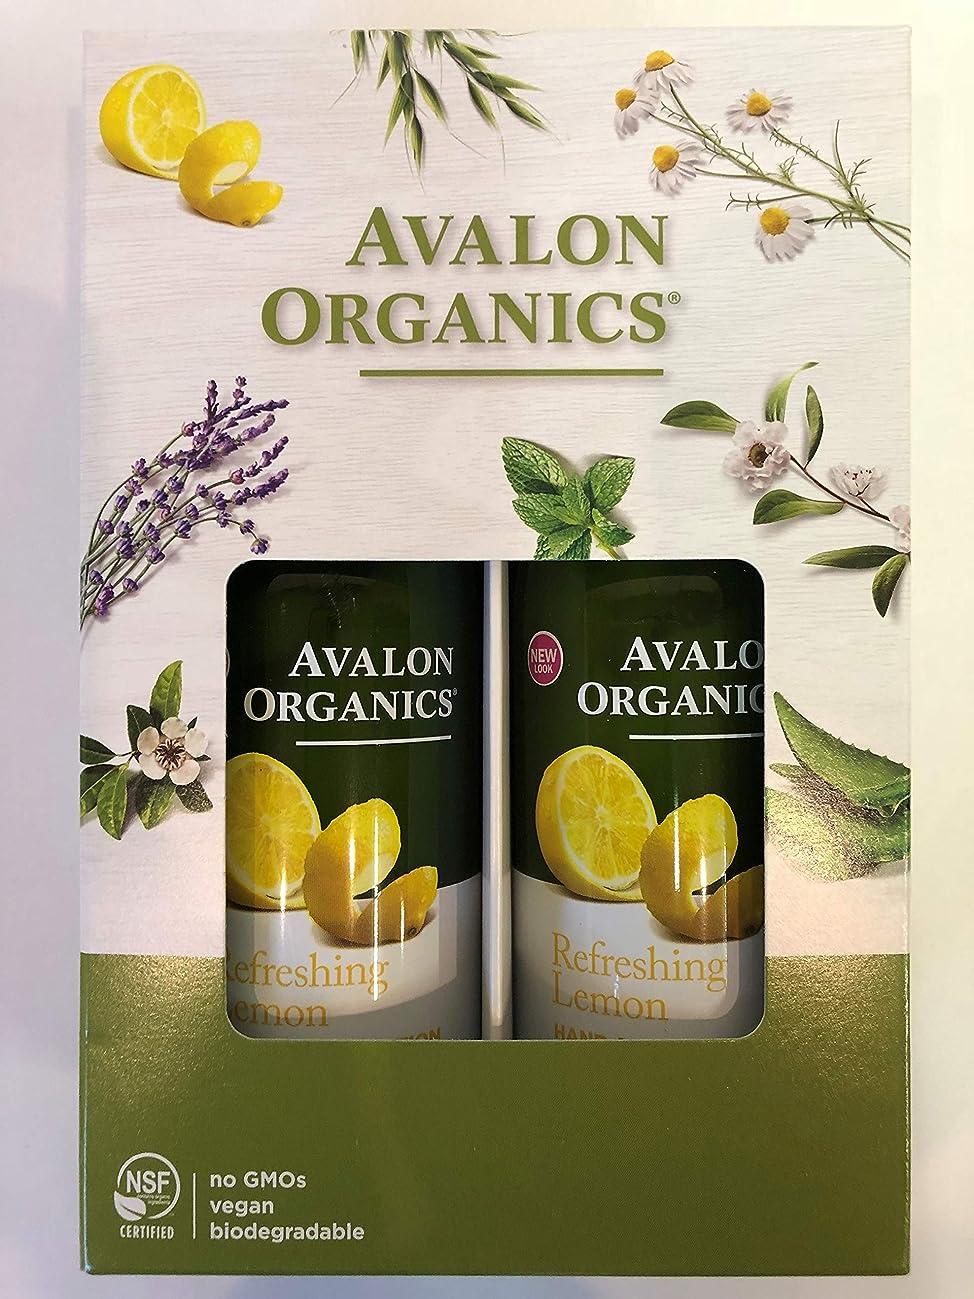 締め切り無効にする秀でるAVALON ORGANICS アバロンオーガニクス ハンド&ボディローション レモン 340g×2